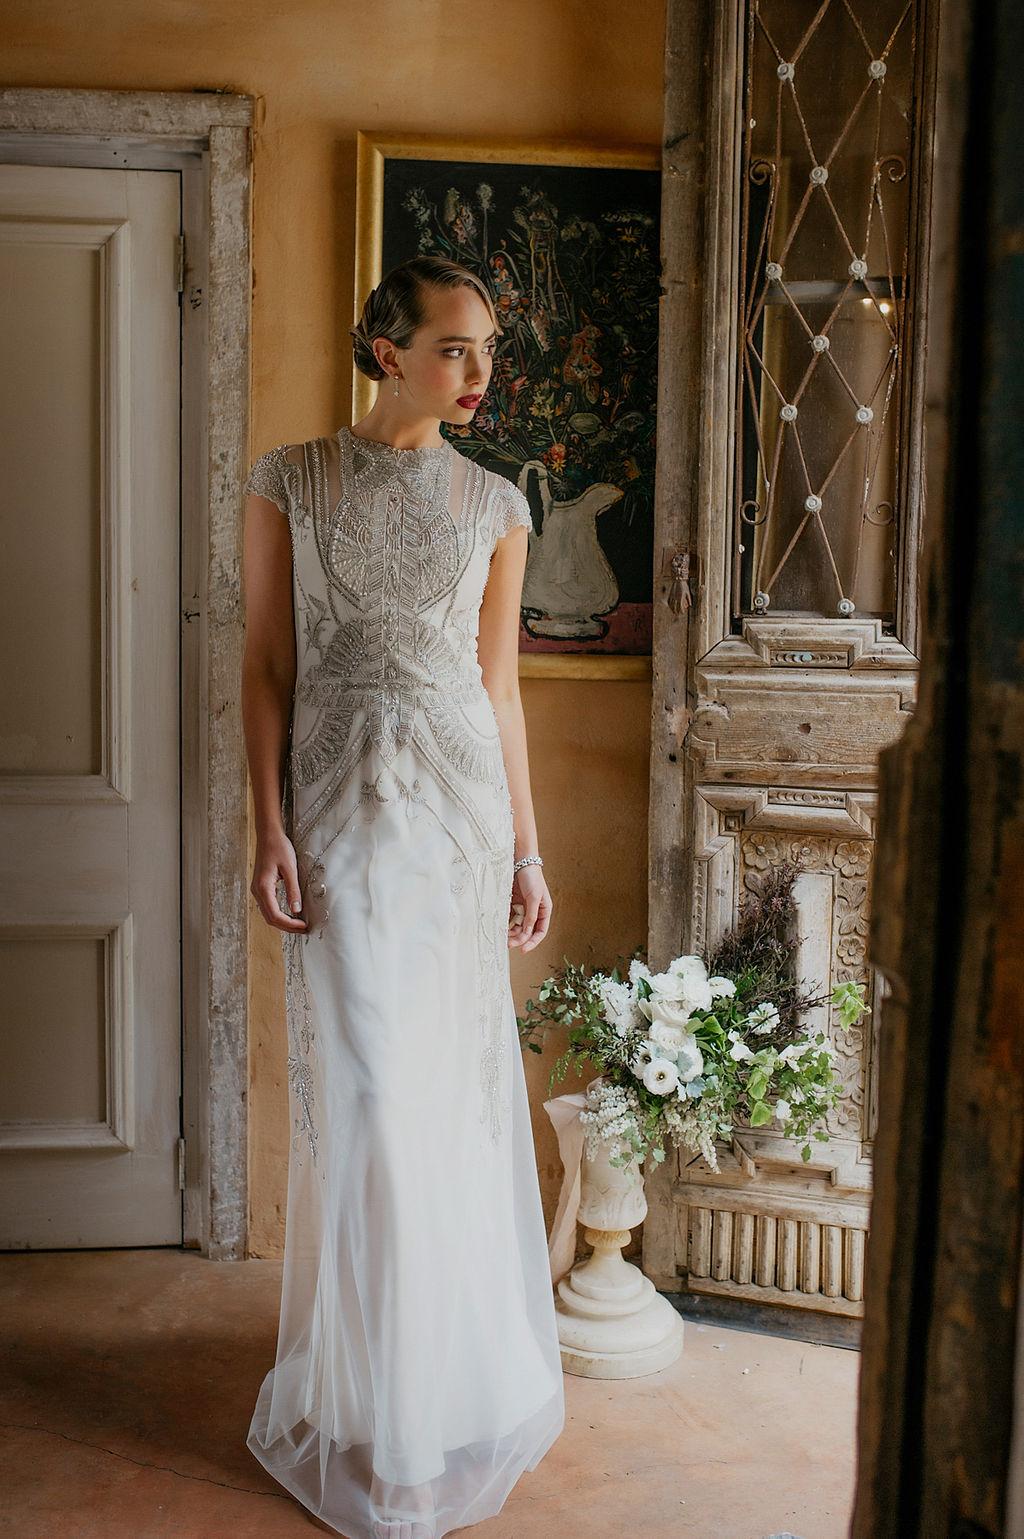 Polly Gwendolynne Wedding Dress  JessicaAbbyartdecoWEB-8509.jpg